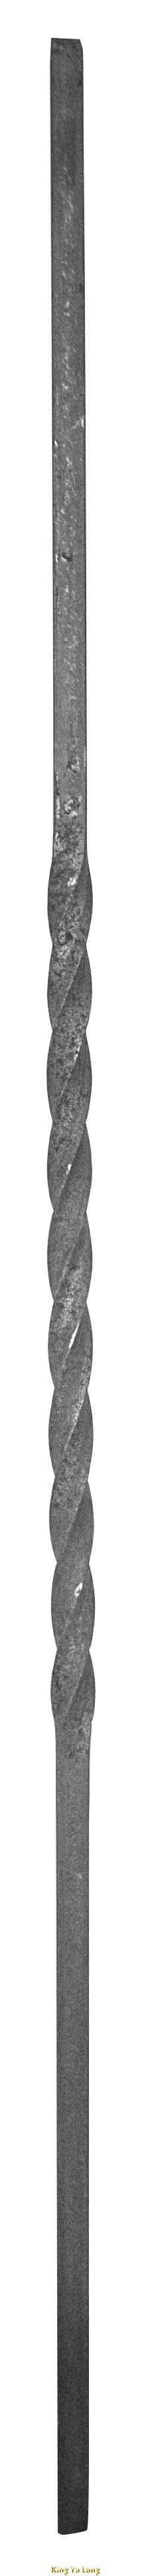 KYL-0001A H900mm  12x12 平面素鐵